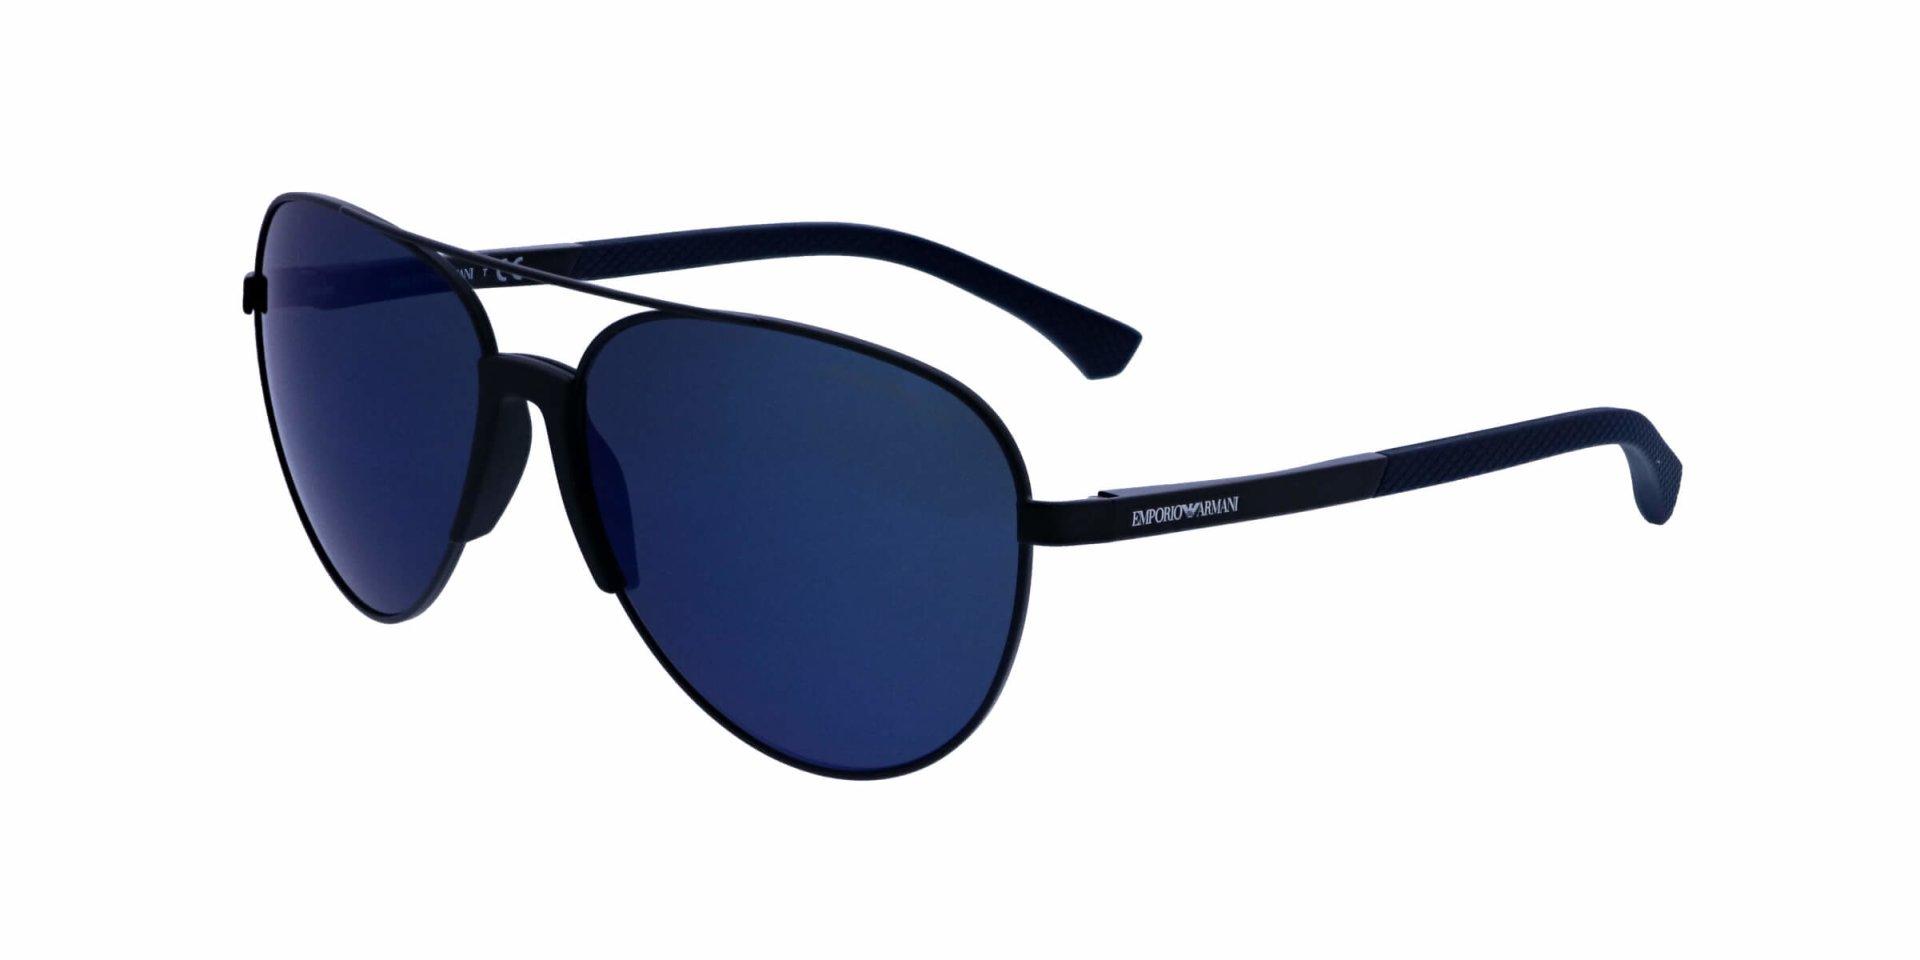 63c0ba3ed636 Sunglasses EMPORIO ARMANI